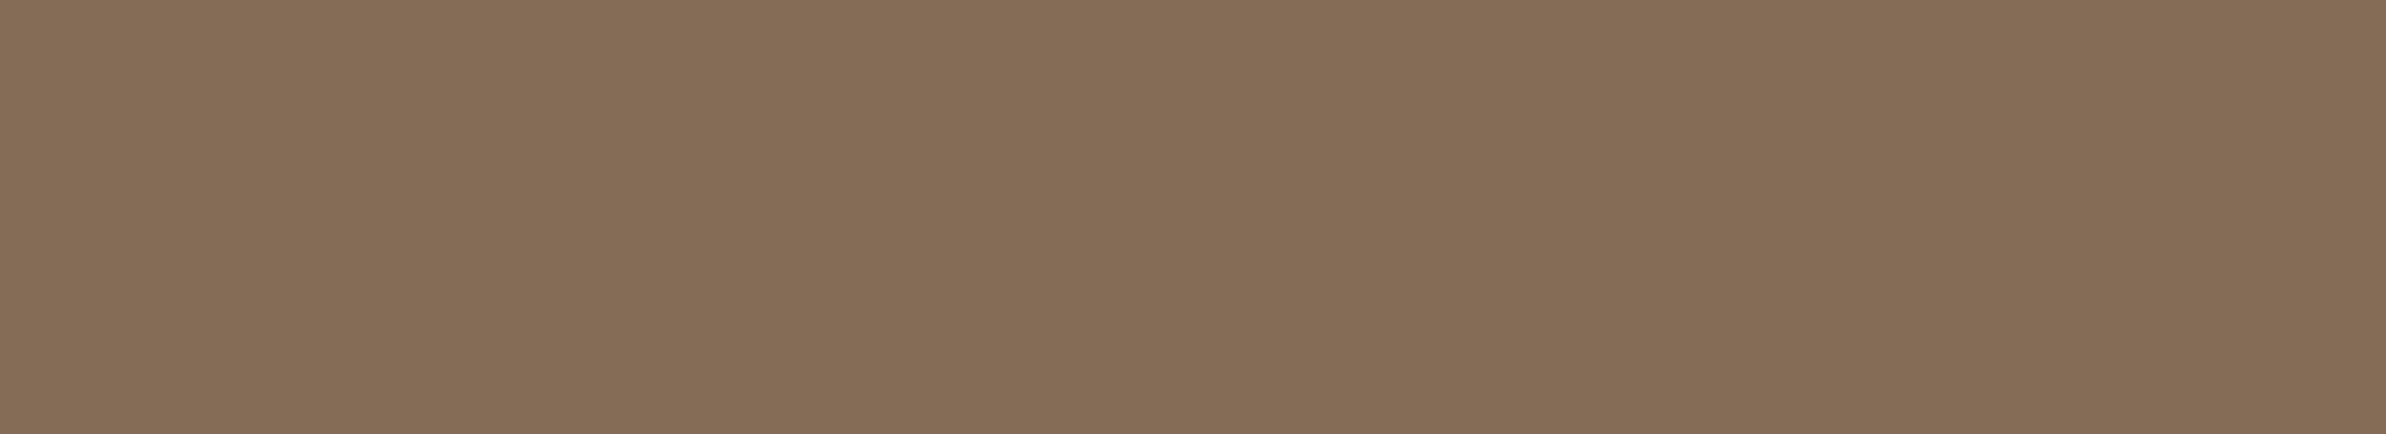 #2381 @ 1% - Grey